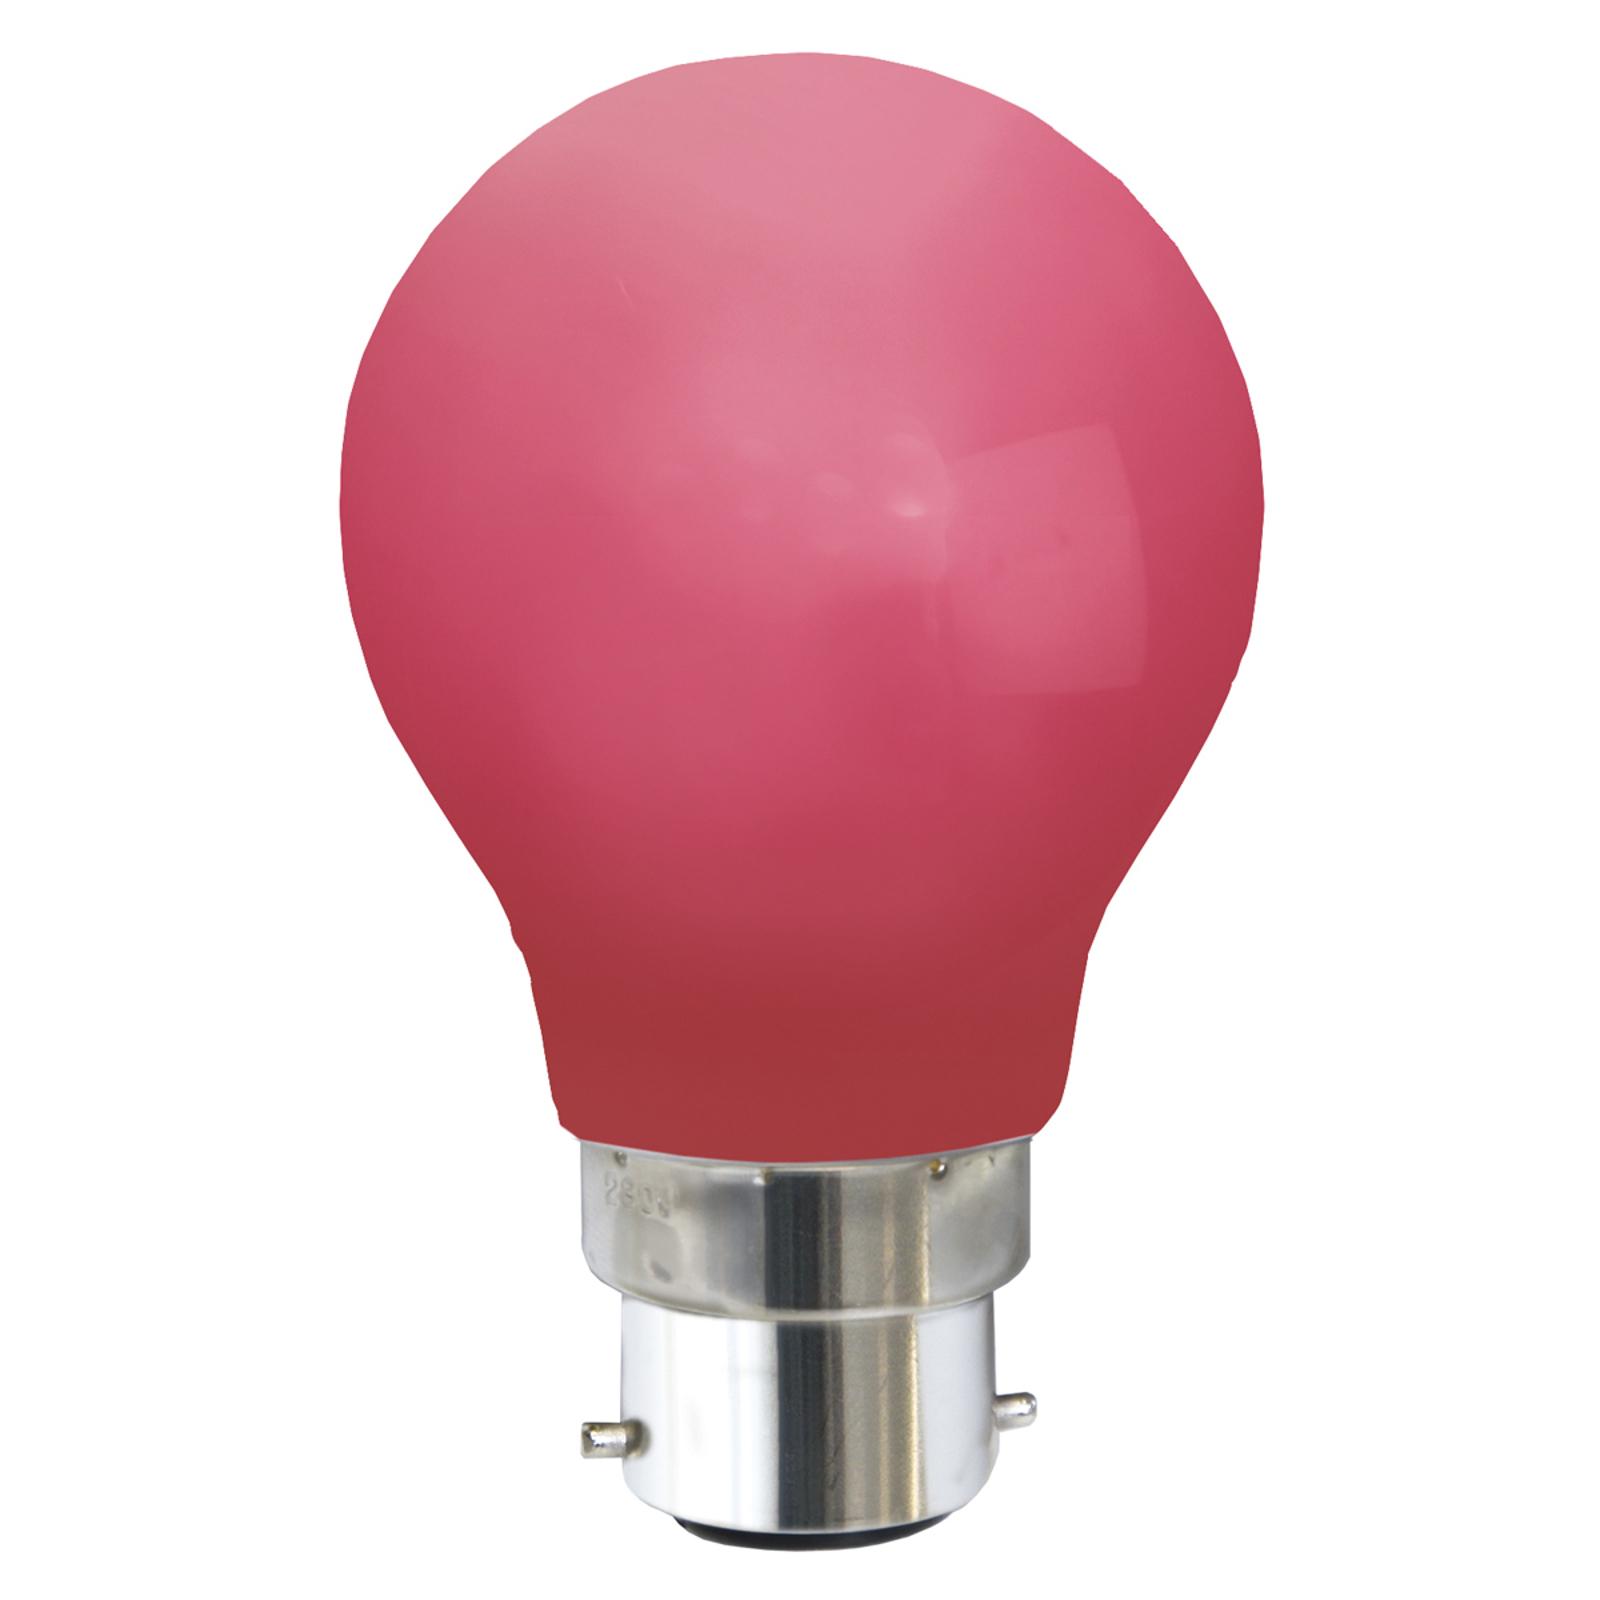 B22 0,8W LED-Lampe, rot